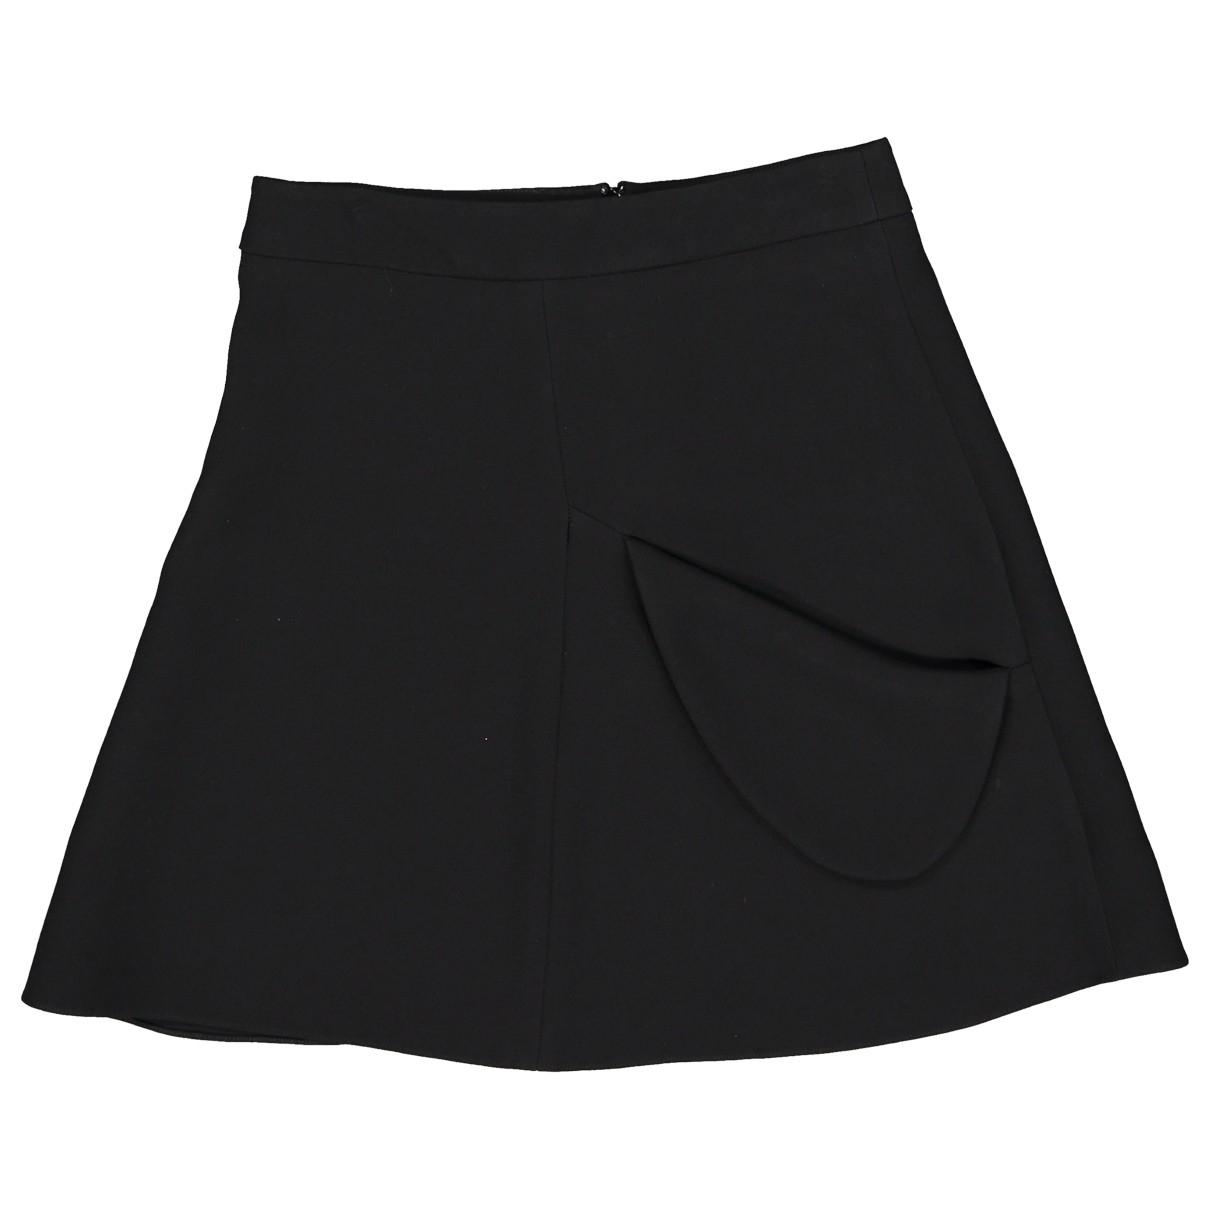 J.w. Anderson \N Black skirt for Women XS International